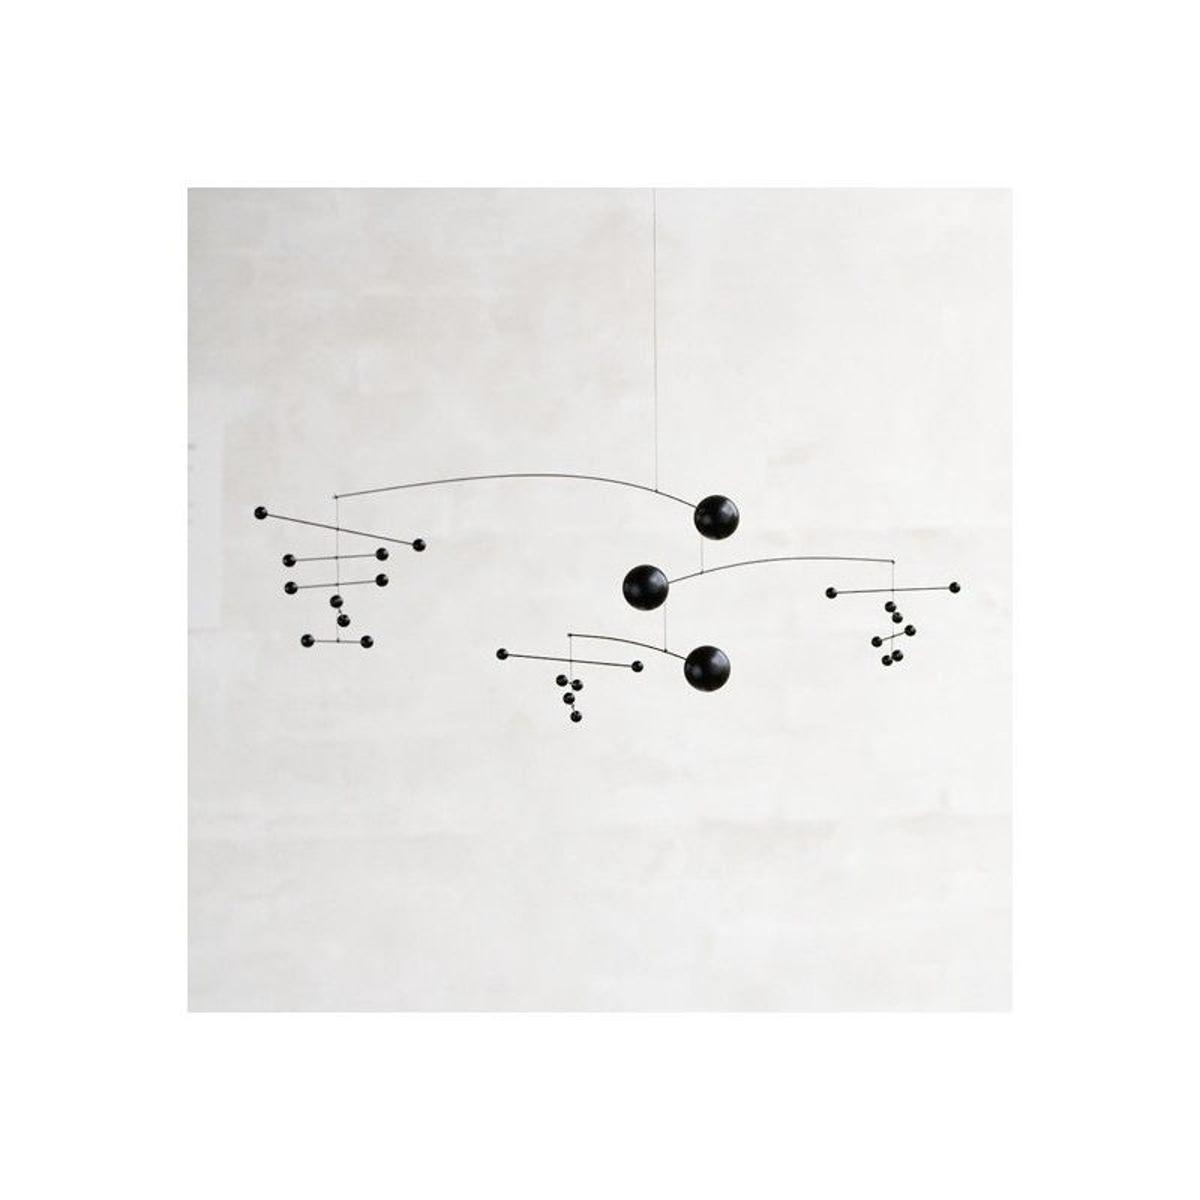 Mobile à suspendre design bois   Symphony in 3 Movements